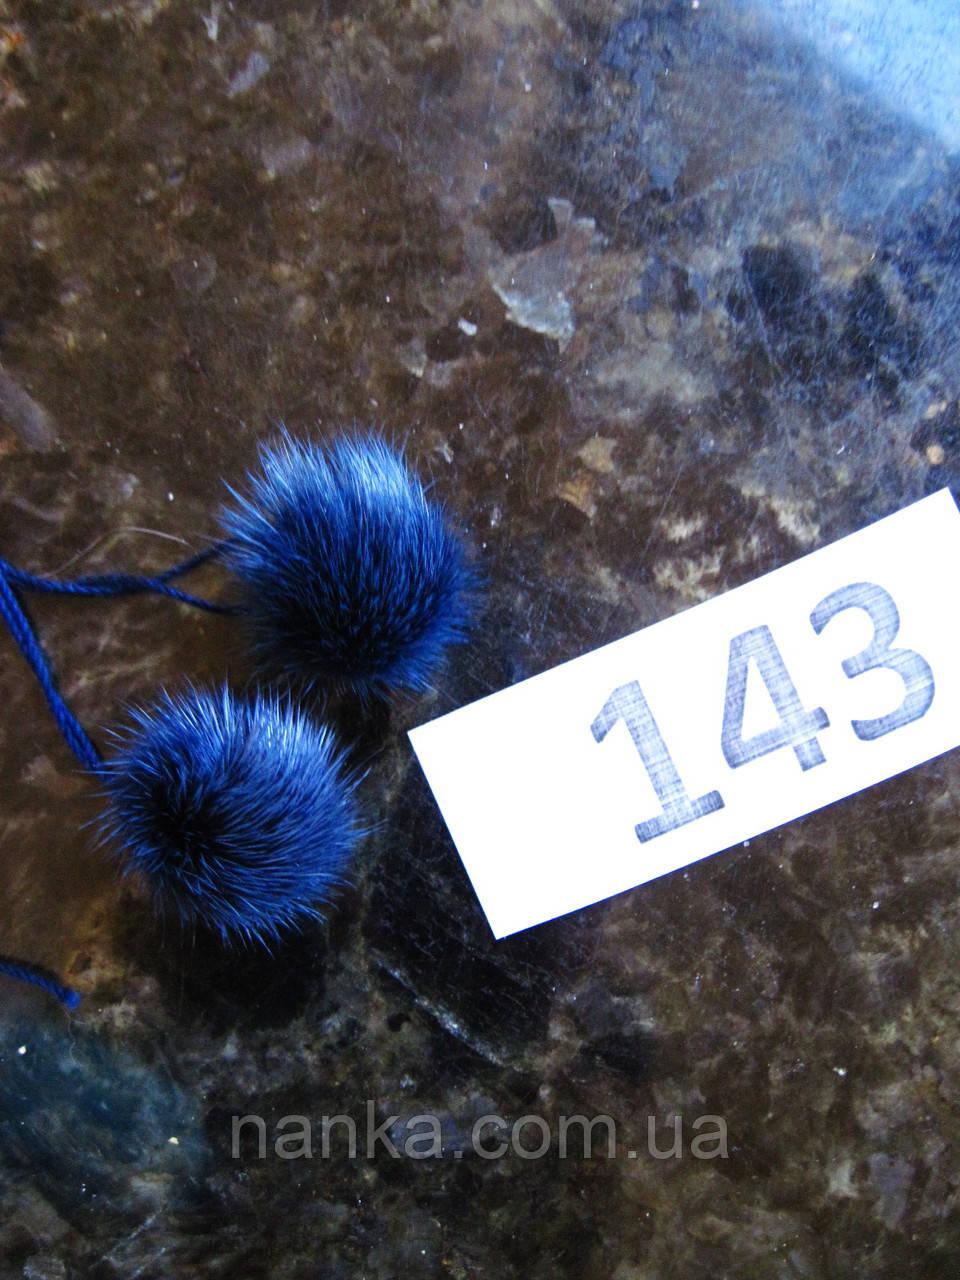 Меховой помпон Норка, Сапфир, 1,5 см, пара 143